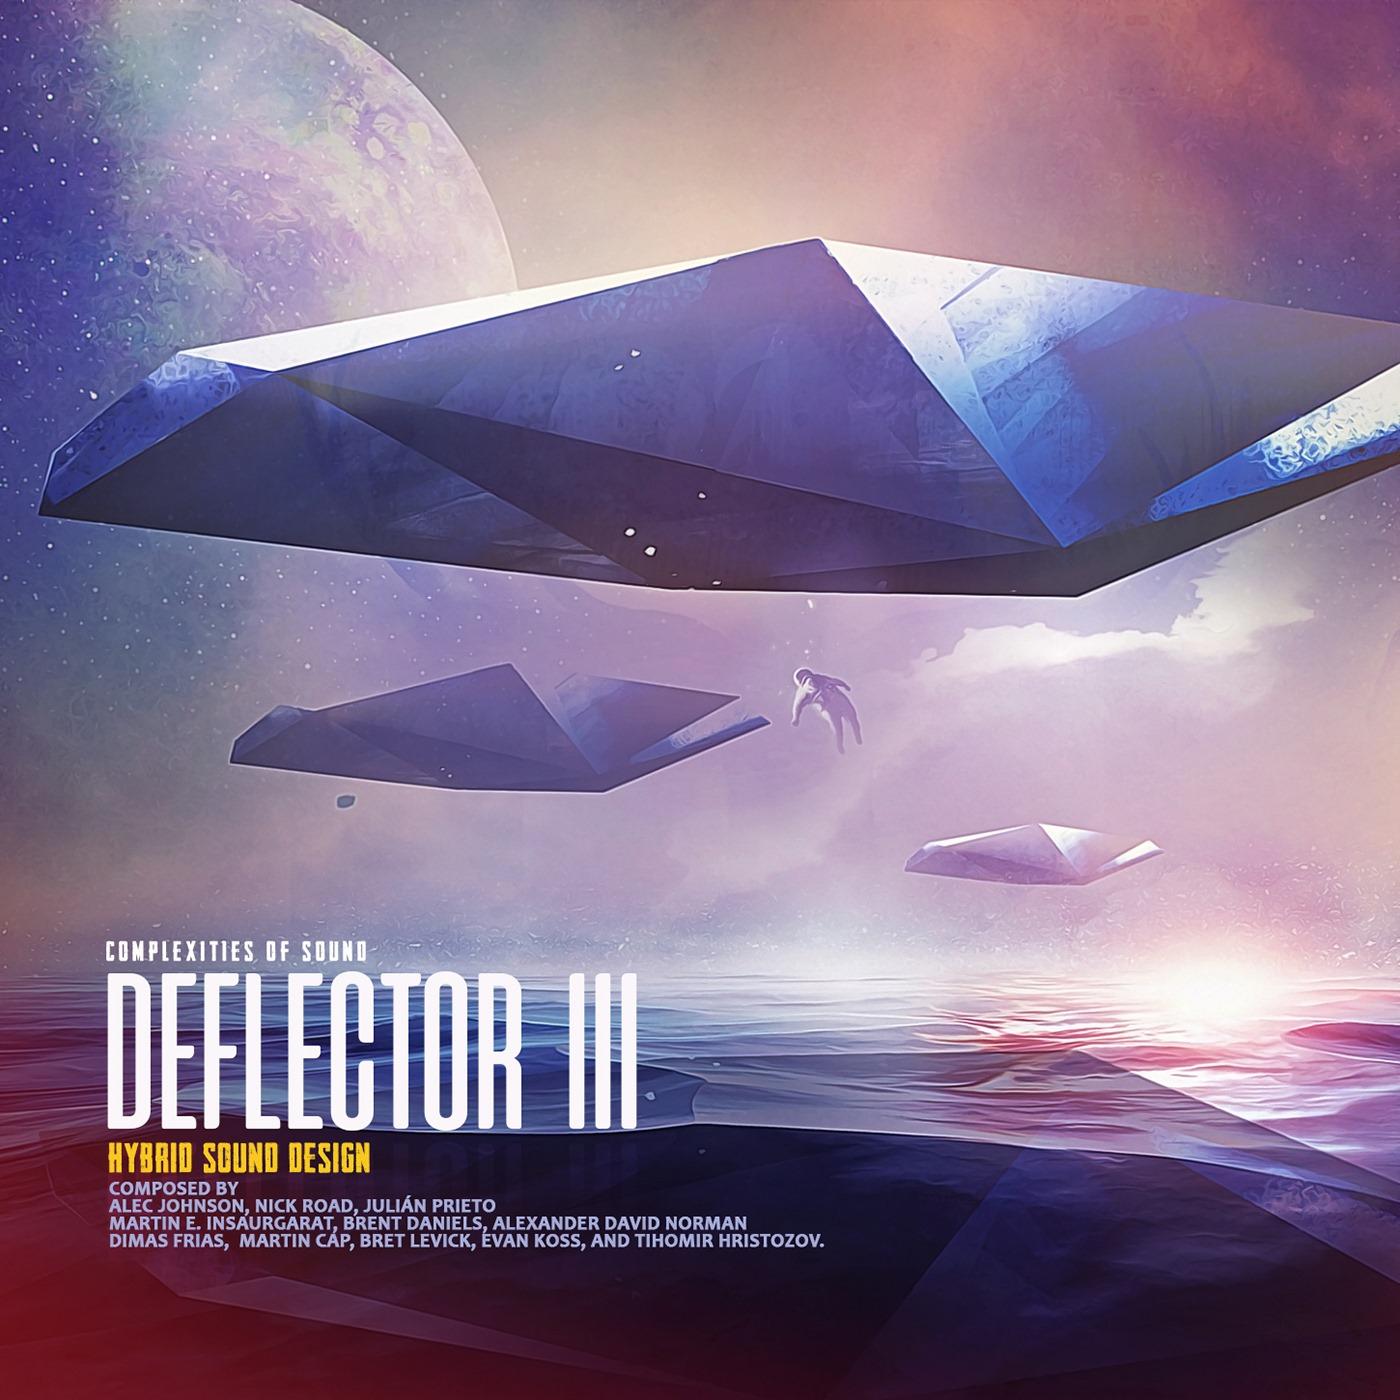 Deflector III